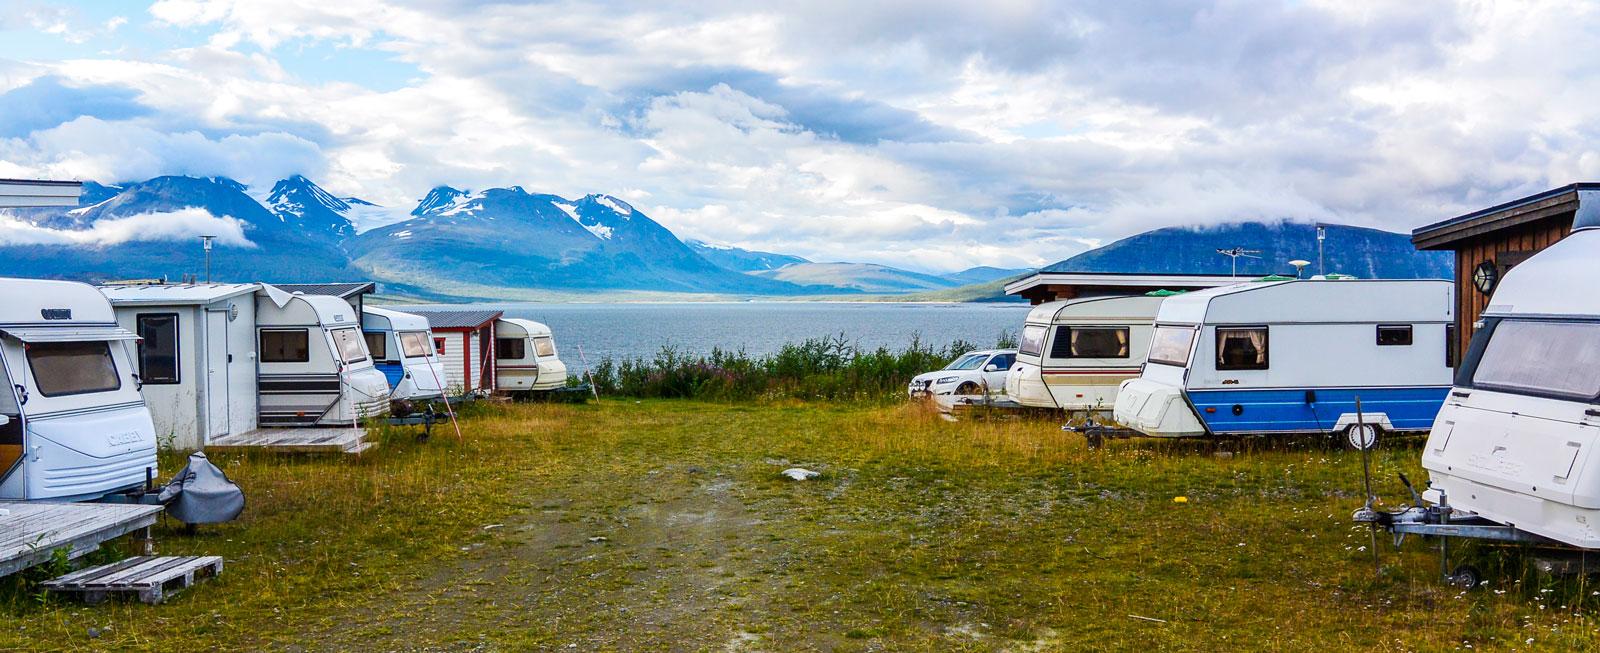 Vacker vy från campingen.